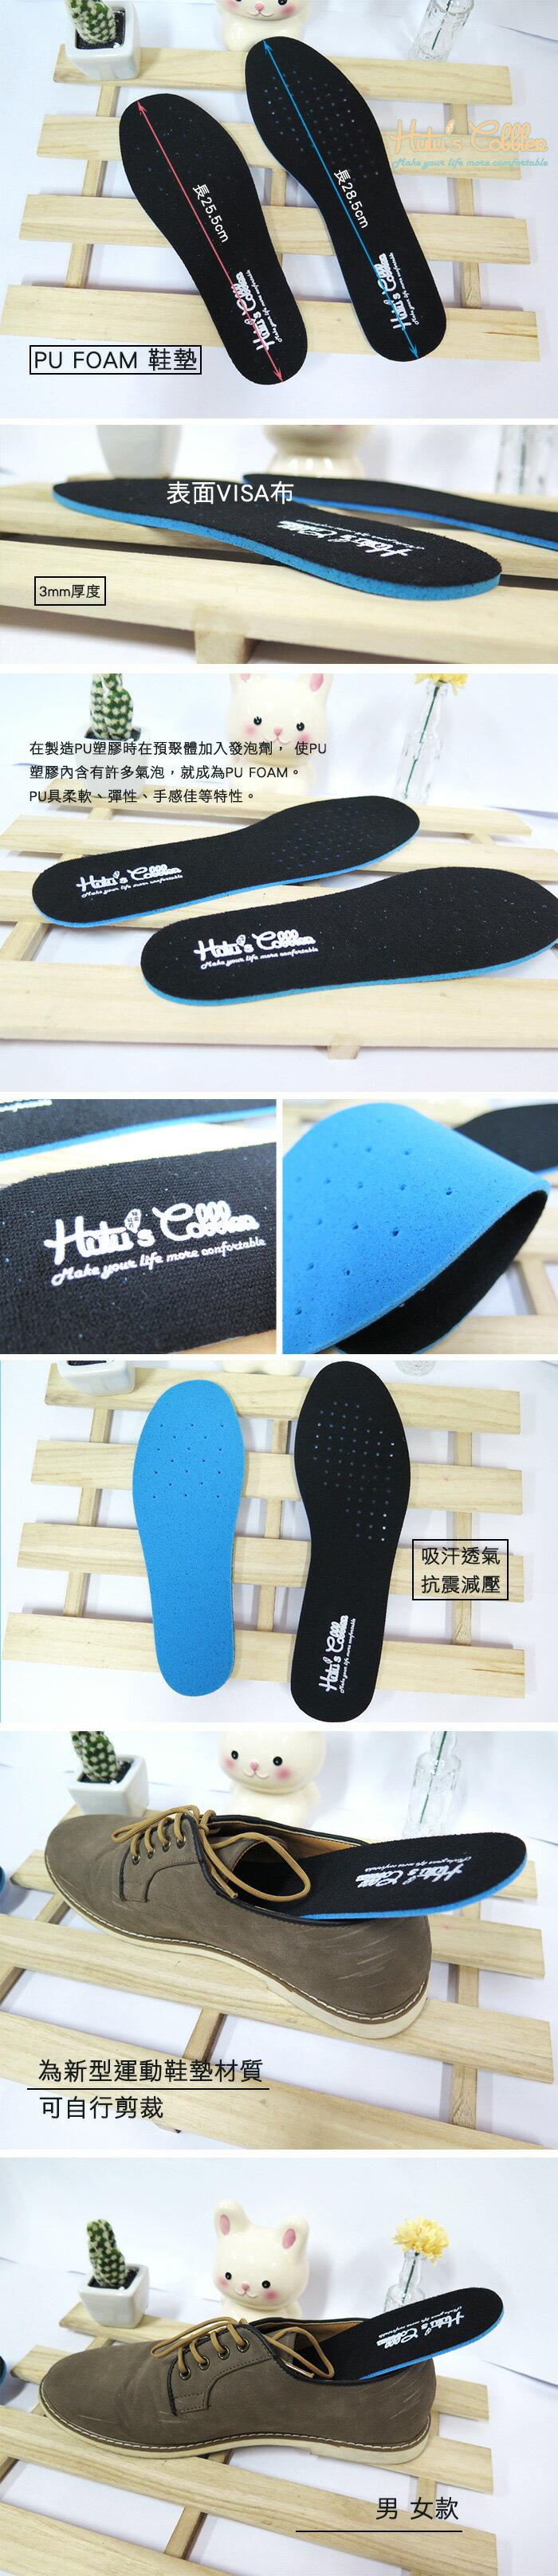 ○糊塗鞋匠○ 優質鞋材 C66 台灣製造 4mm PU FOAM鞋墊 3mm 透氣 新型運動鞋墊材質 1